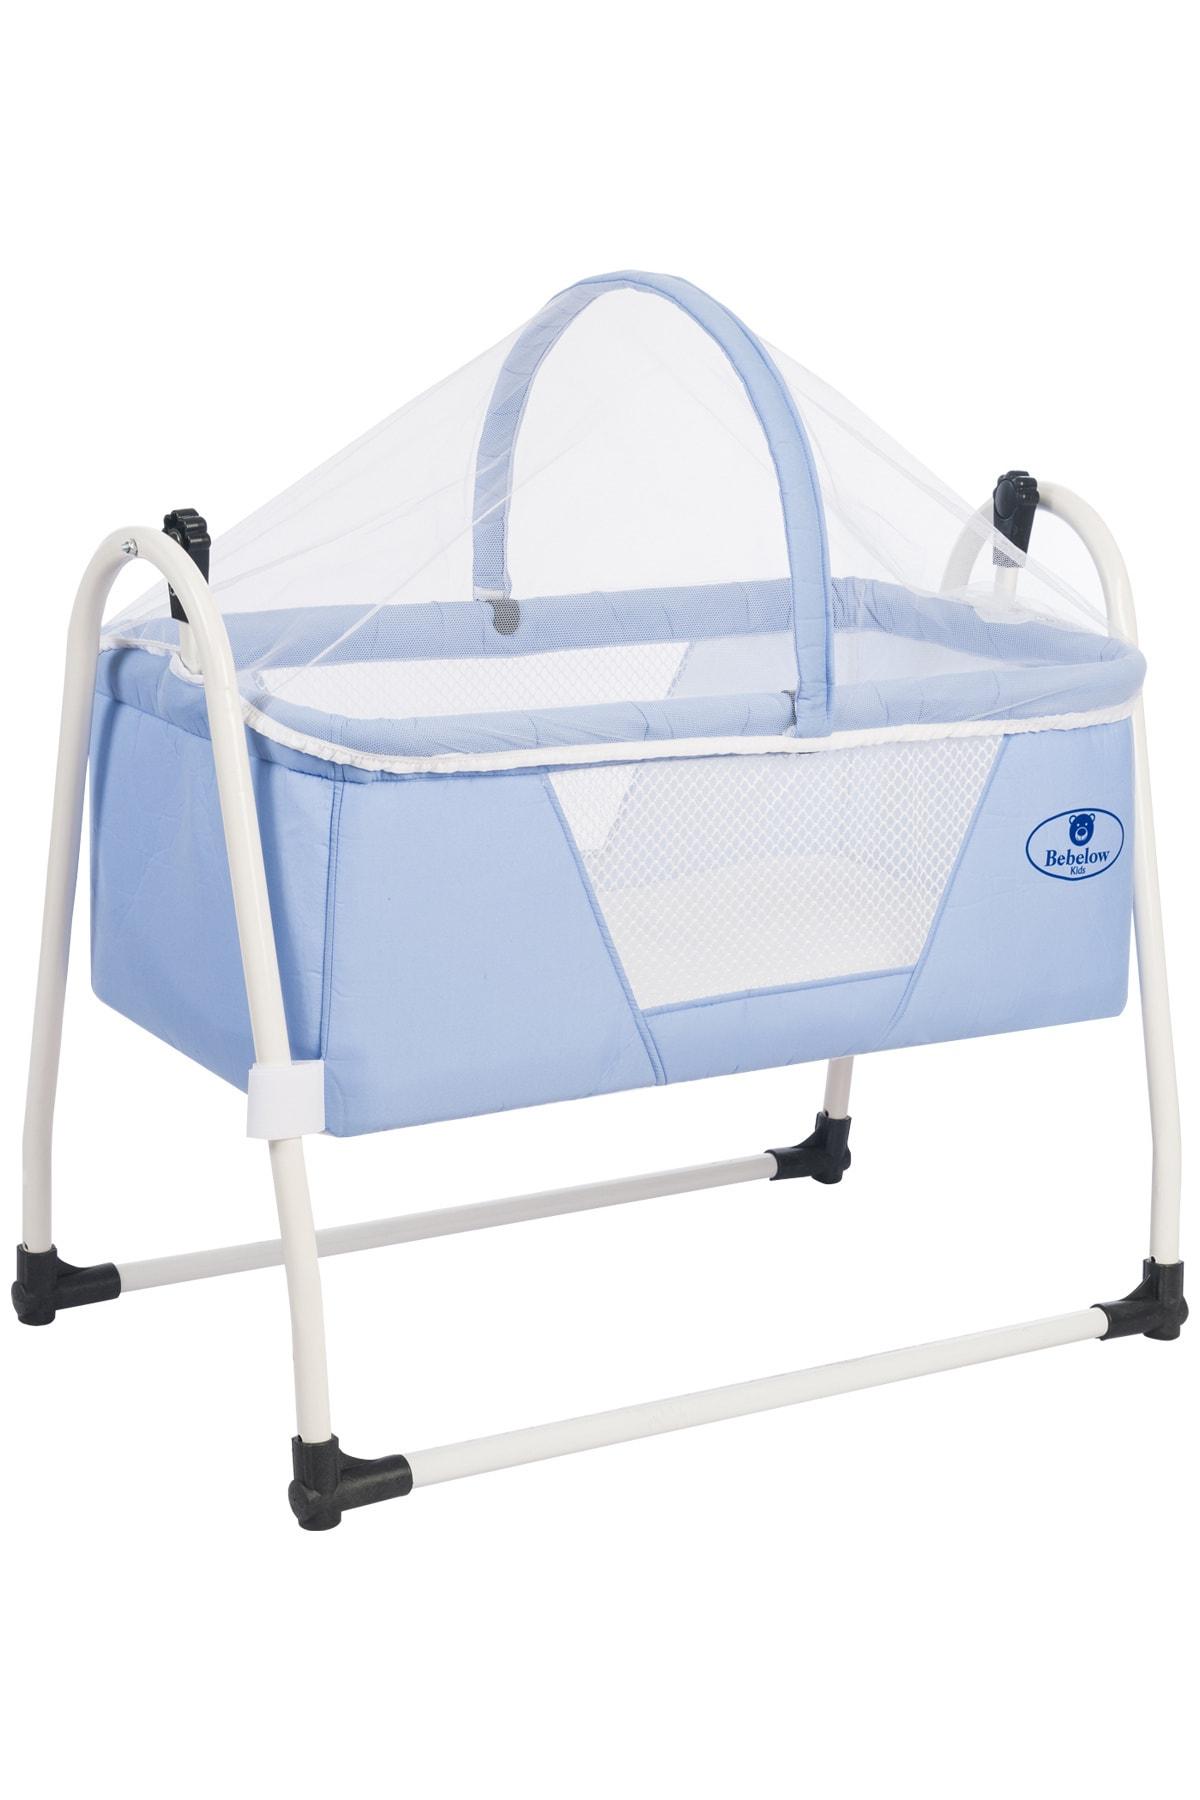 Sobee Portatif Kurulumlu Sabitlenebilir Lüks Sallanır Bebek Beşik